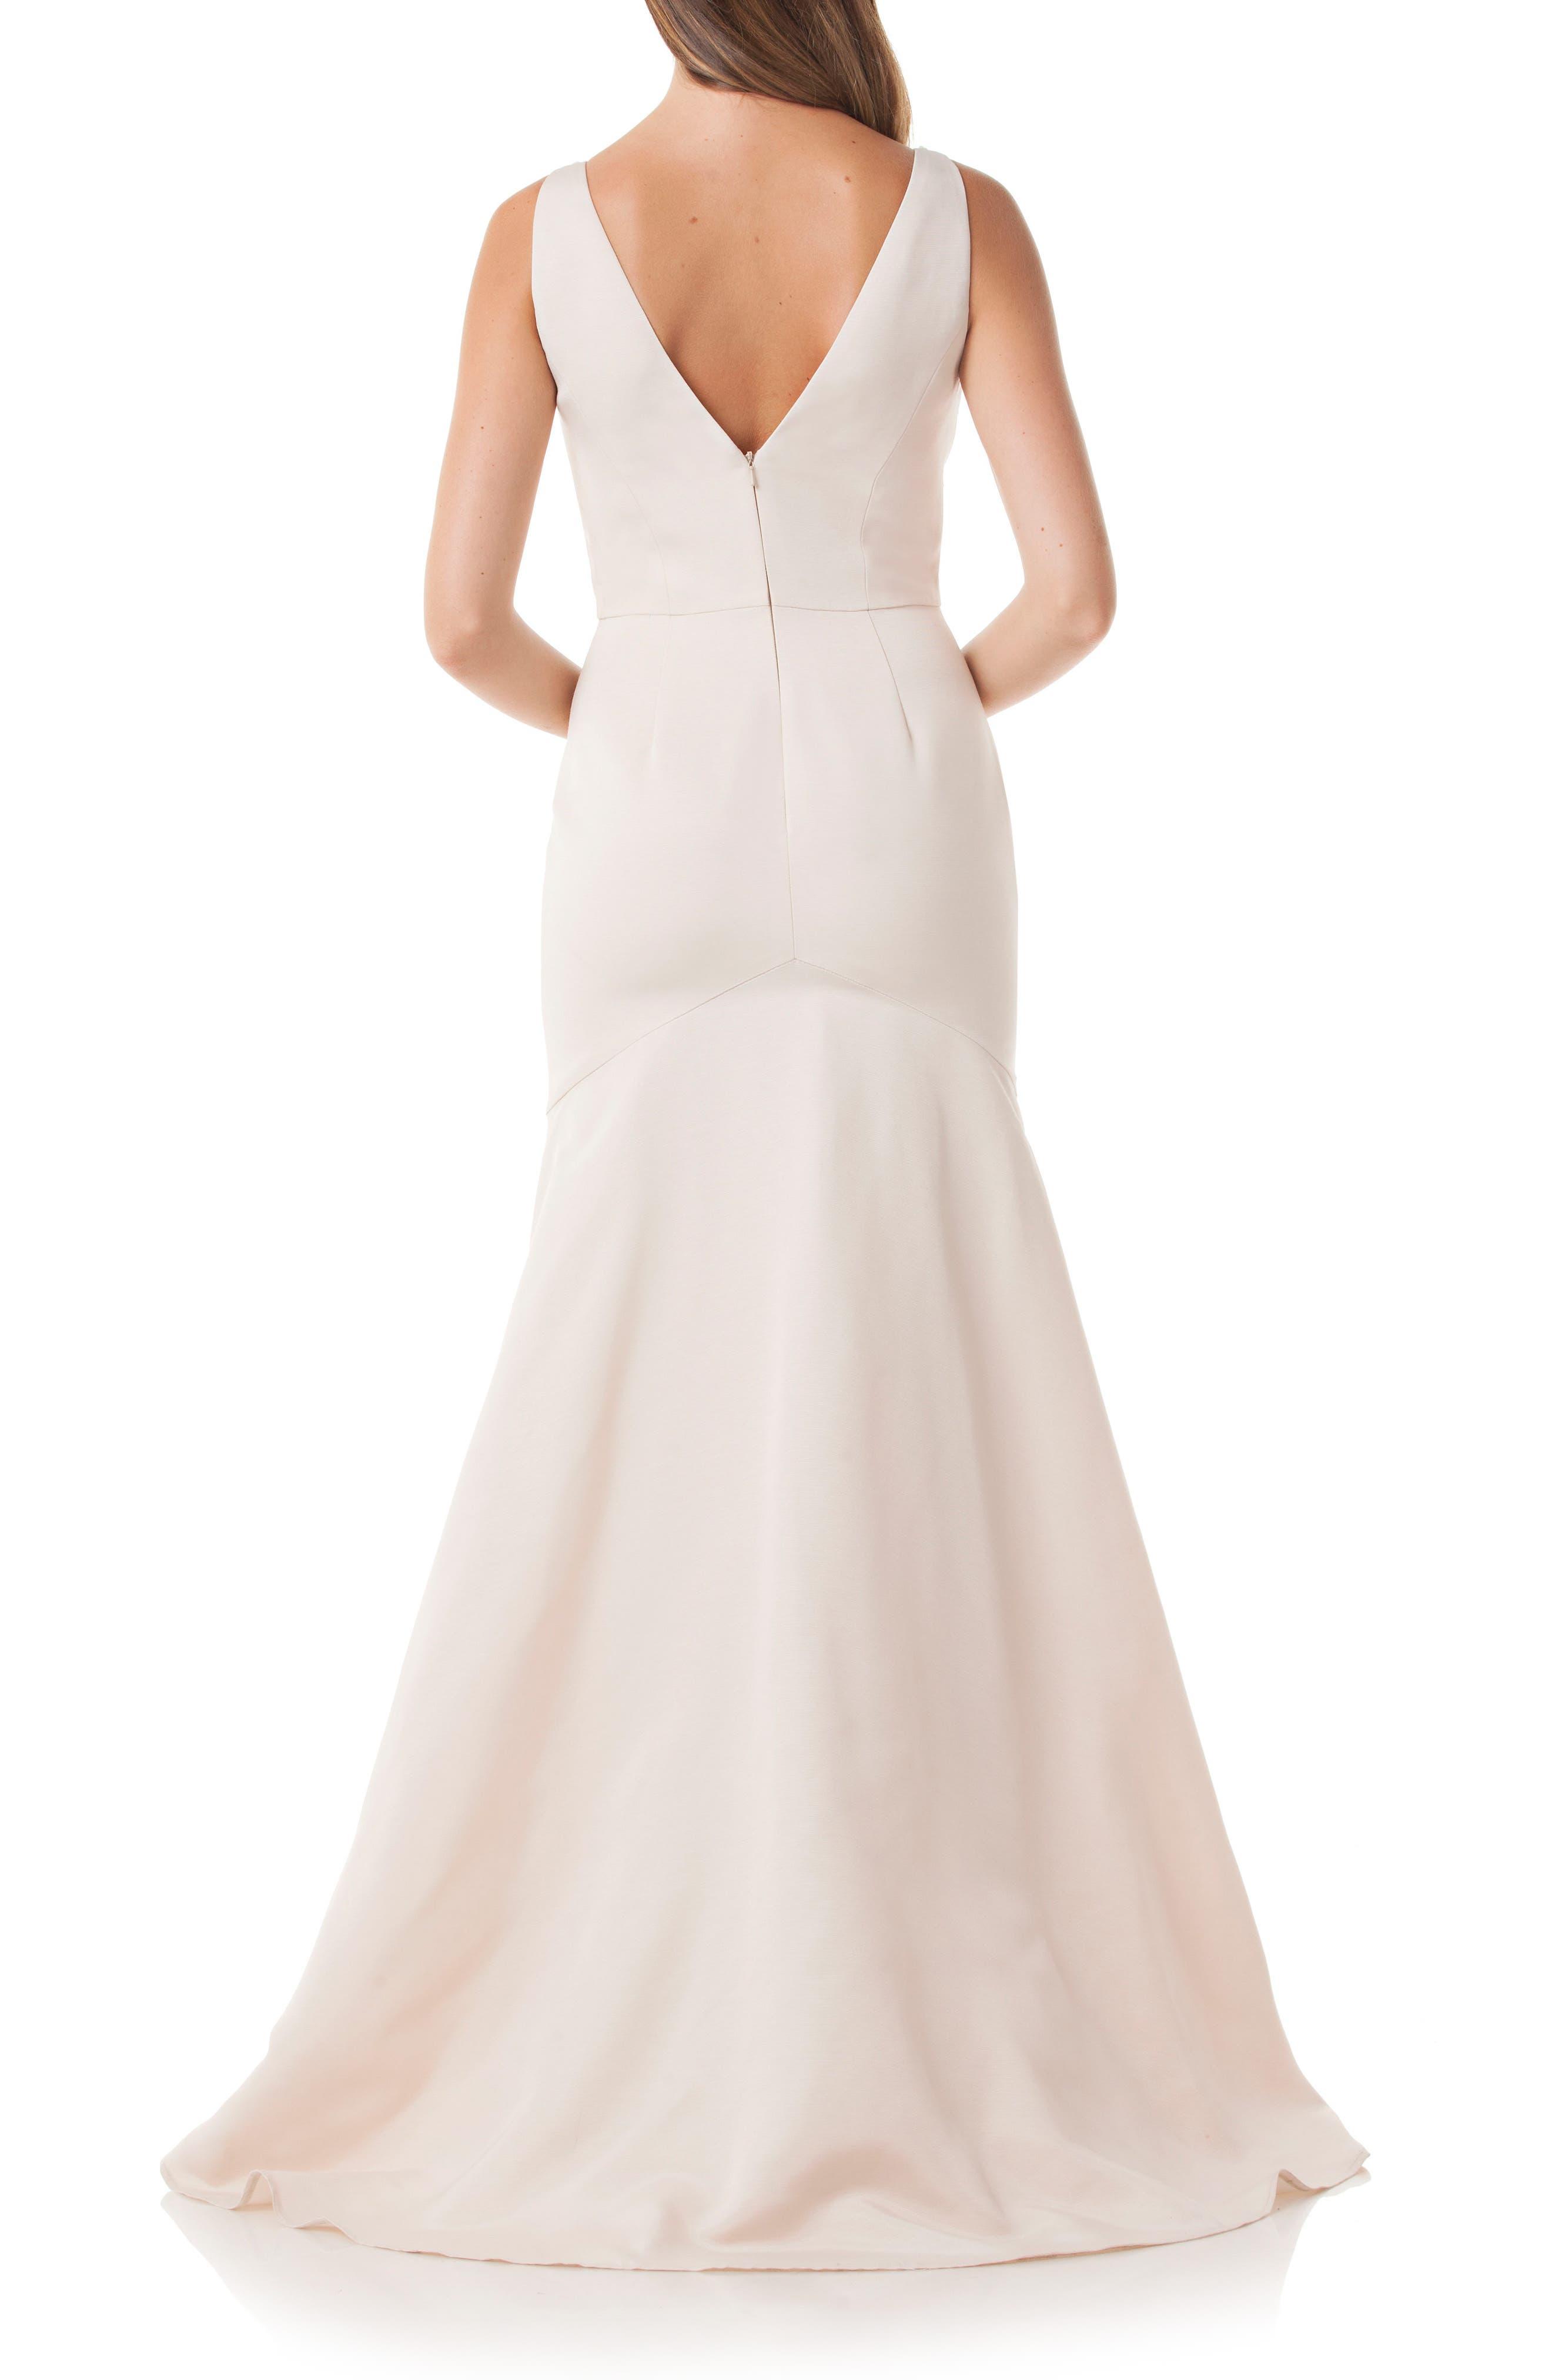 CARMEN MARC VALVO INFUSION,                             Lace Appliqué Mermaid Gown,                             Alternate thumbnail 2, color,                             275